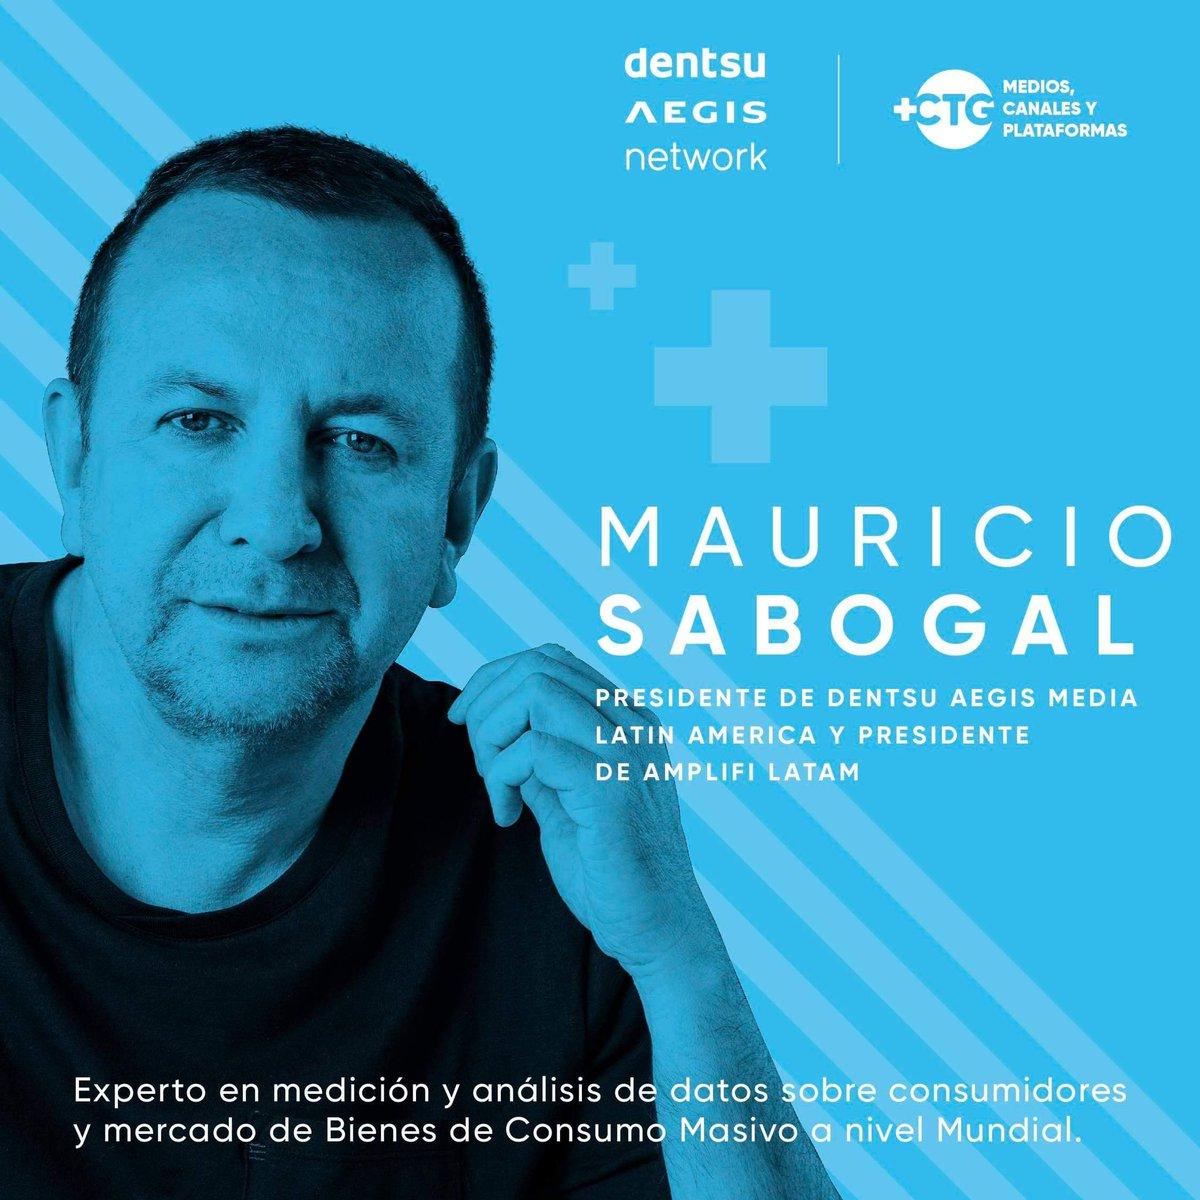 Mauricio Sabogal participará en el panel 'La modernización de las métricas en publicidad: la Data Science es compañera necesaria de la revolución tecnológica'. Asiste a la Cumbre Latinoamericana #MásCartagena. Oct. 2-4 de 2019. http://www.mascartagena.co #summit #cartagena #data